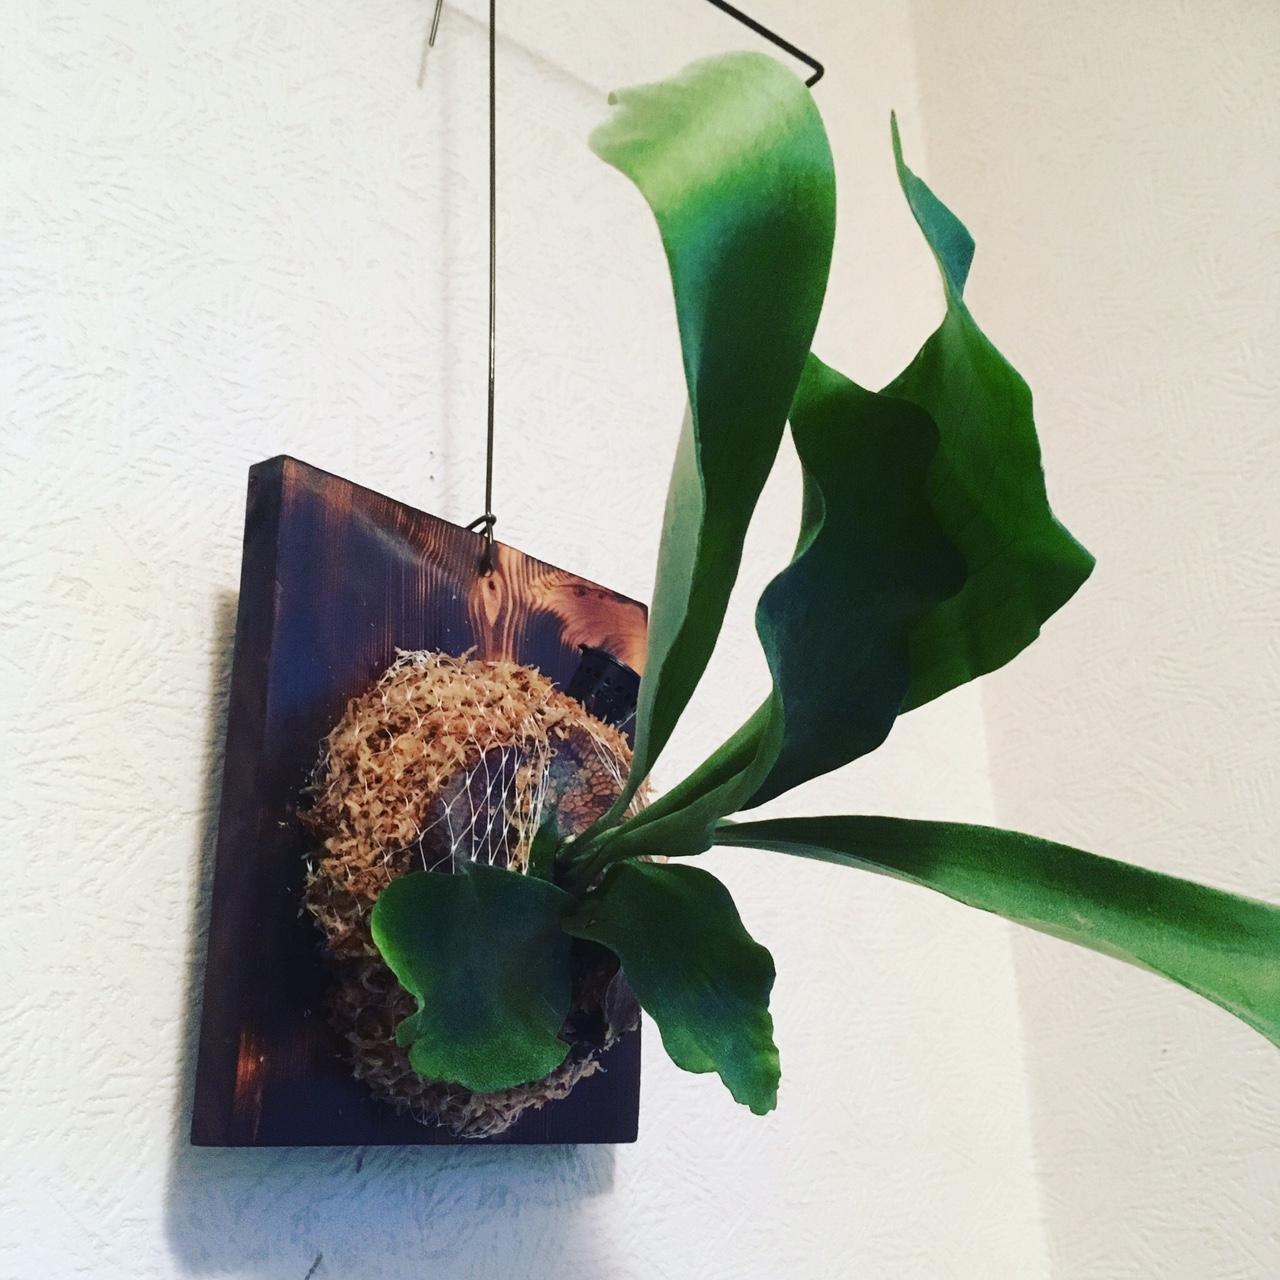 イメージ:観葉植物